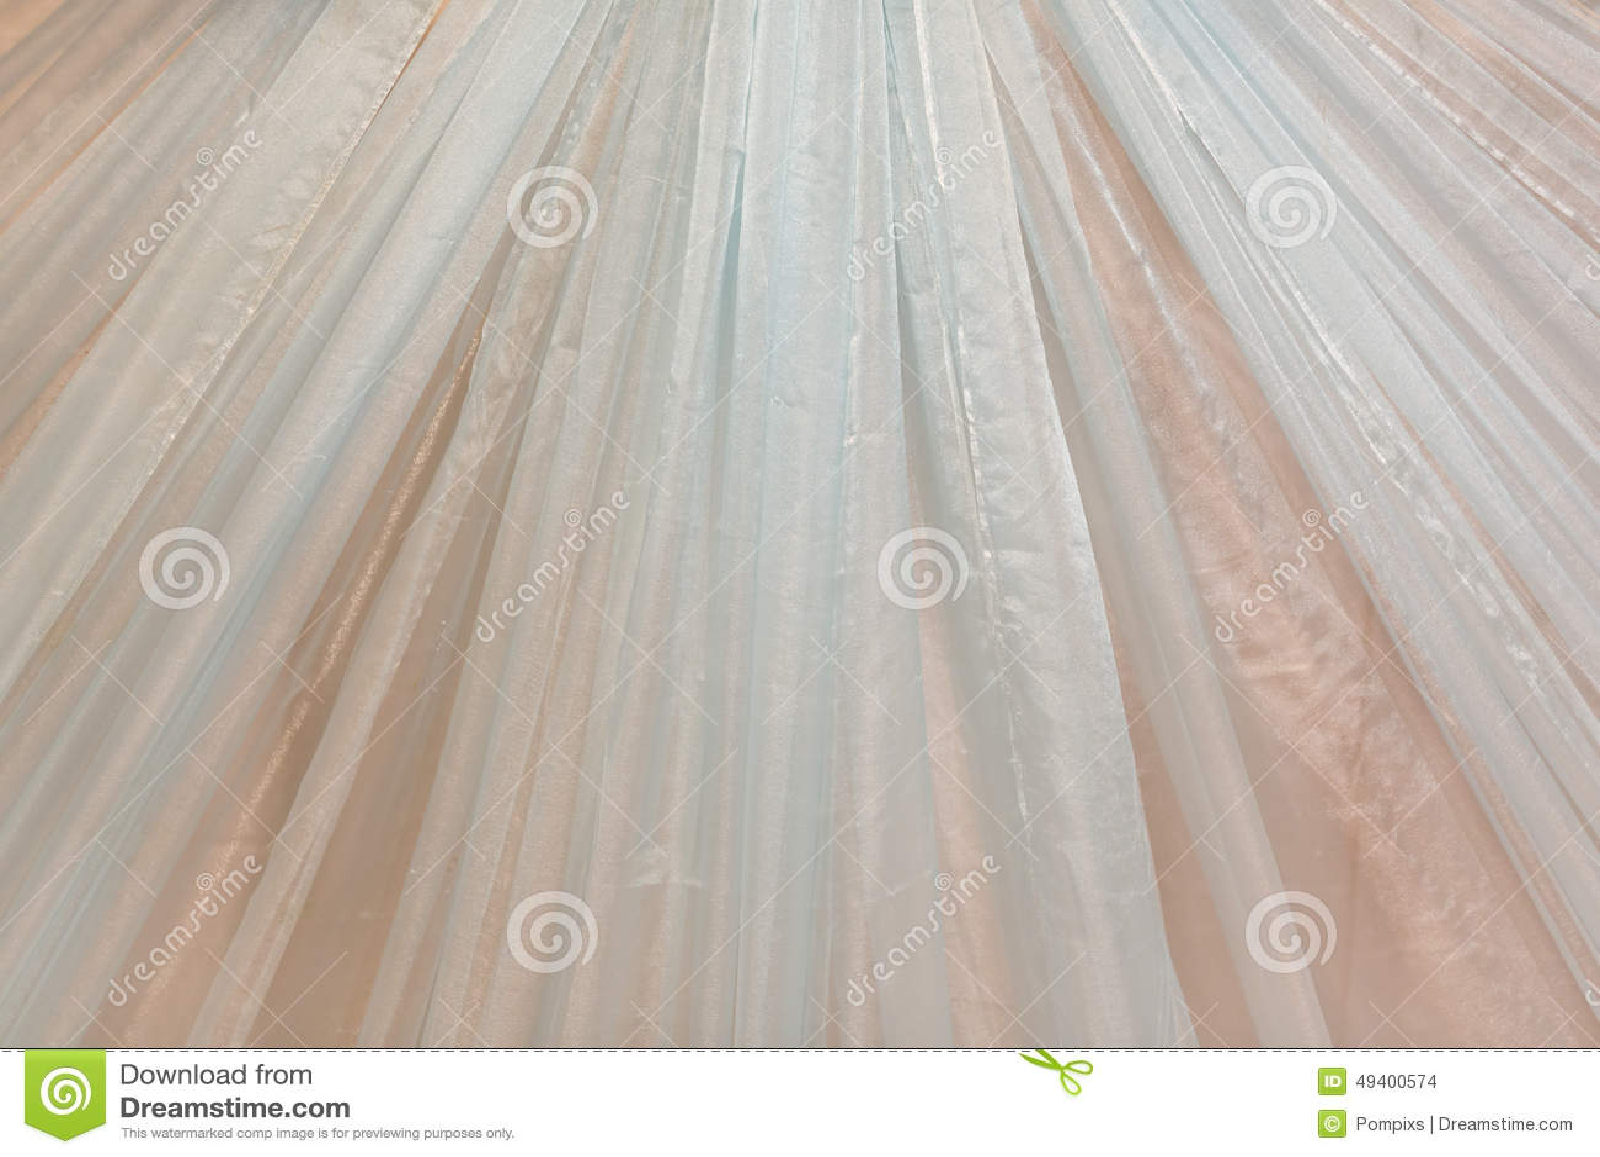 Download Beschaffenheit Oder Hintergrund Des Vorhangs Stockfoto - Bild von material, luxus: 49400574